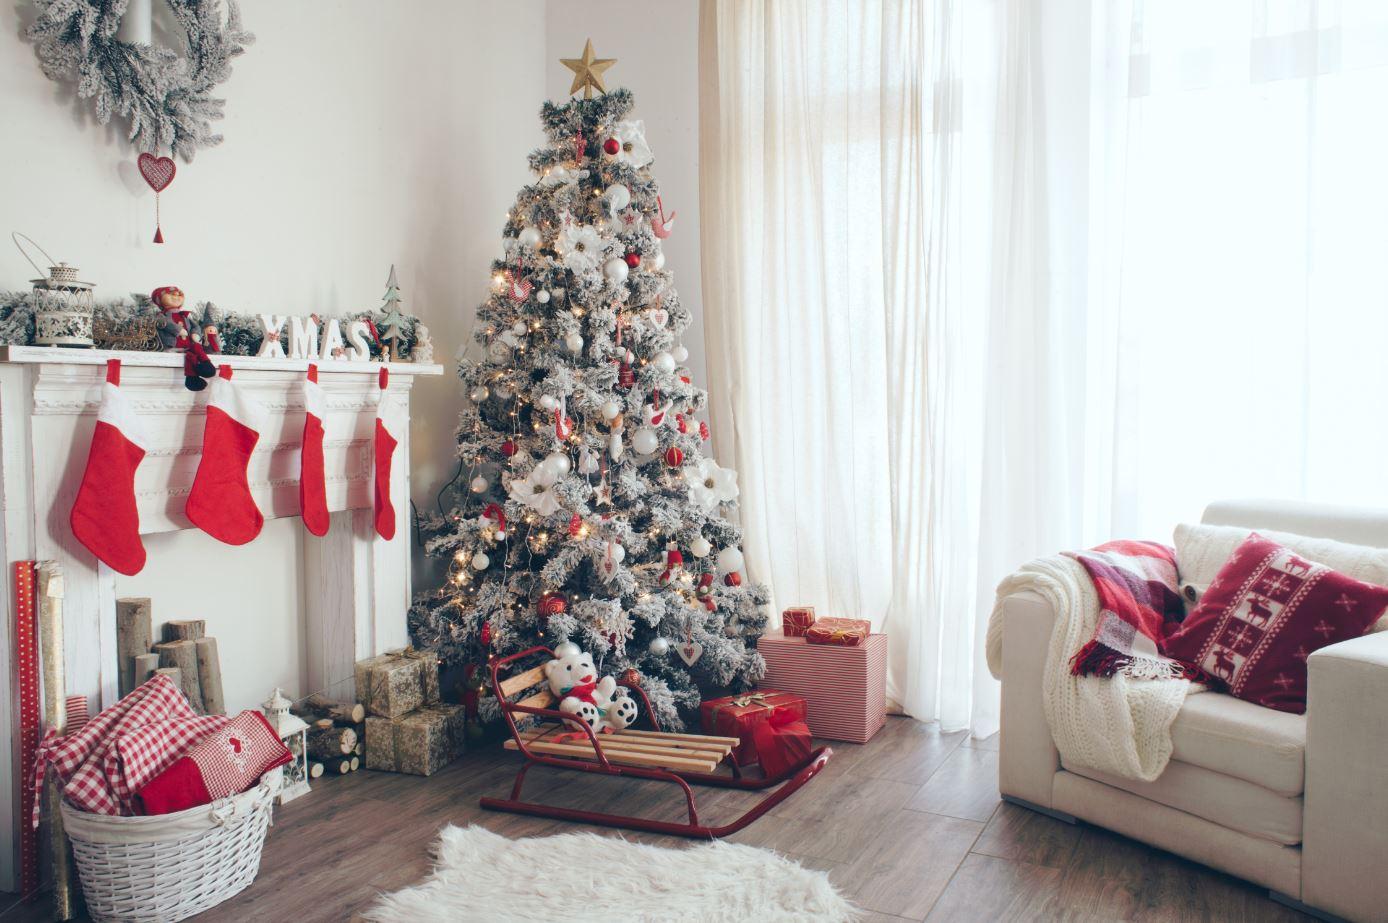 Préparer sa maison pour Noël